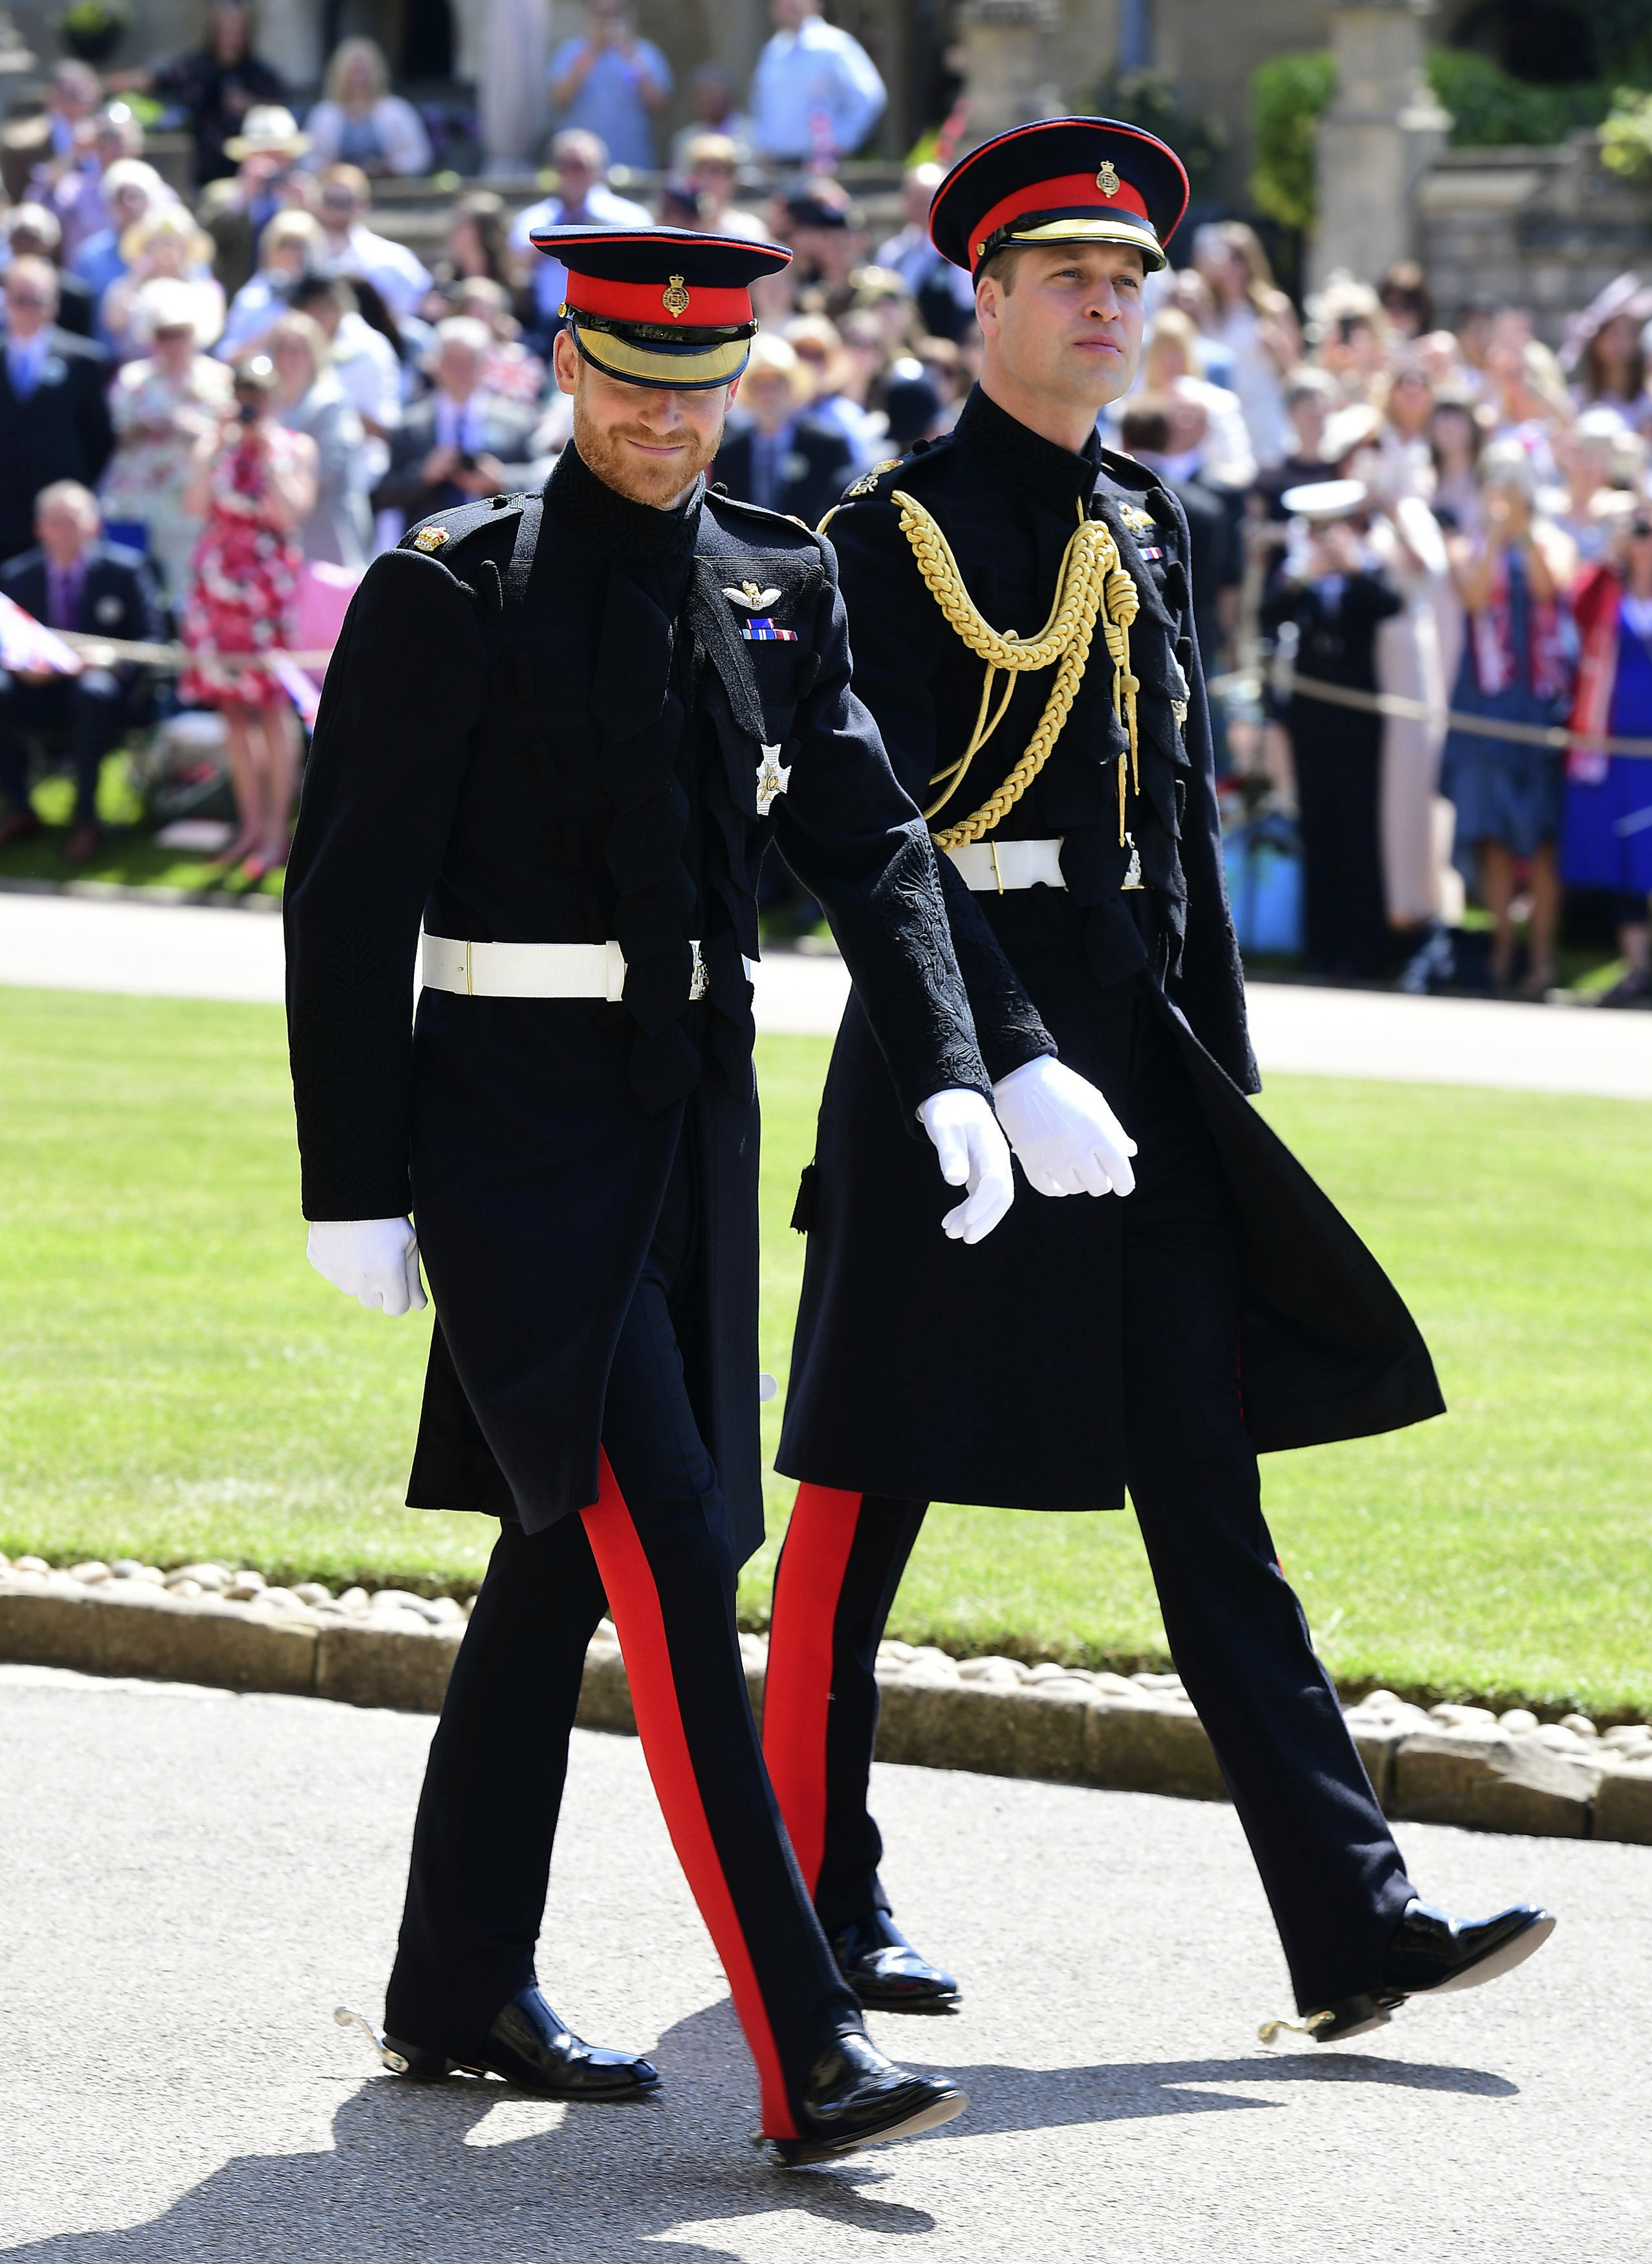 William acompañó a su hermano Harry, quien le pidió que oficie de padrino de la boda, tal como él había en su boda con Kate Middleton en 2011. (Foto: AP)